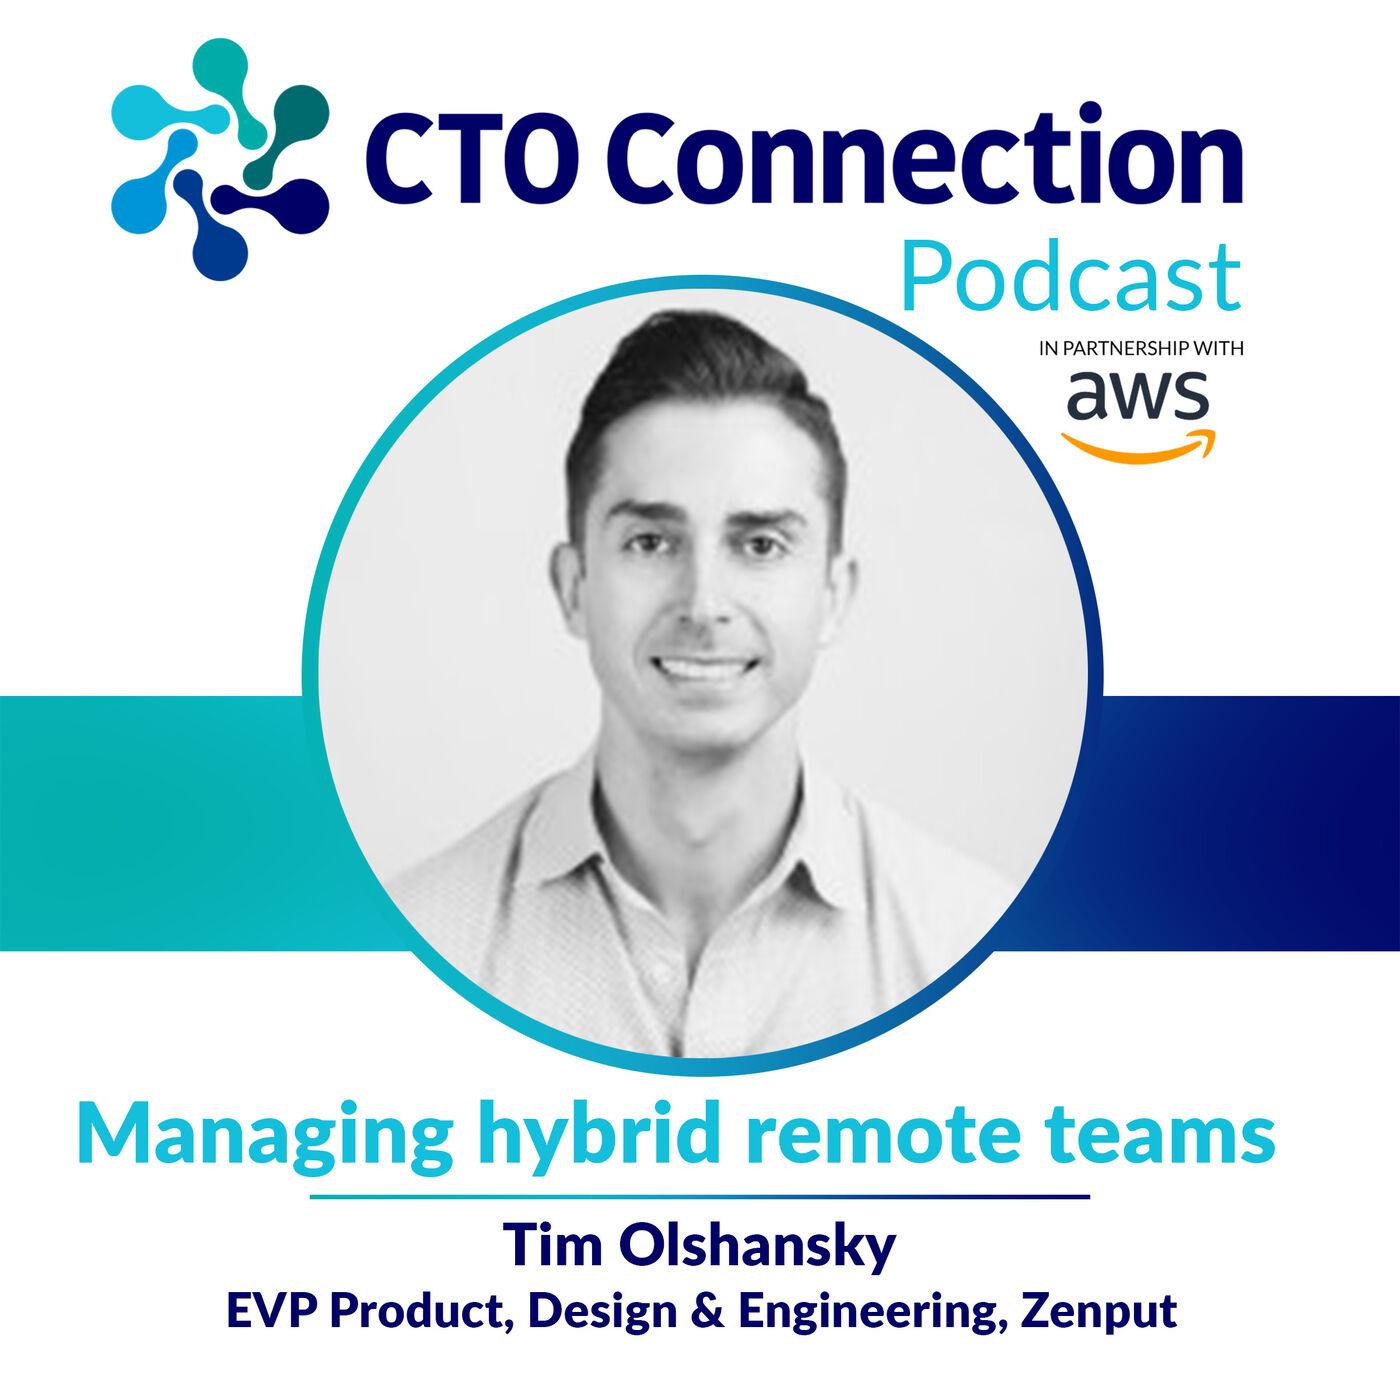 Short Byte: Tim Olshansky - Managing hybrid remote teams